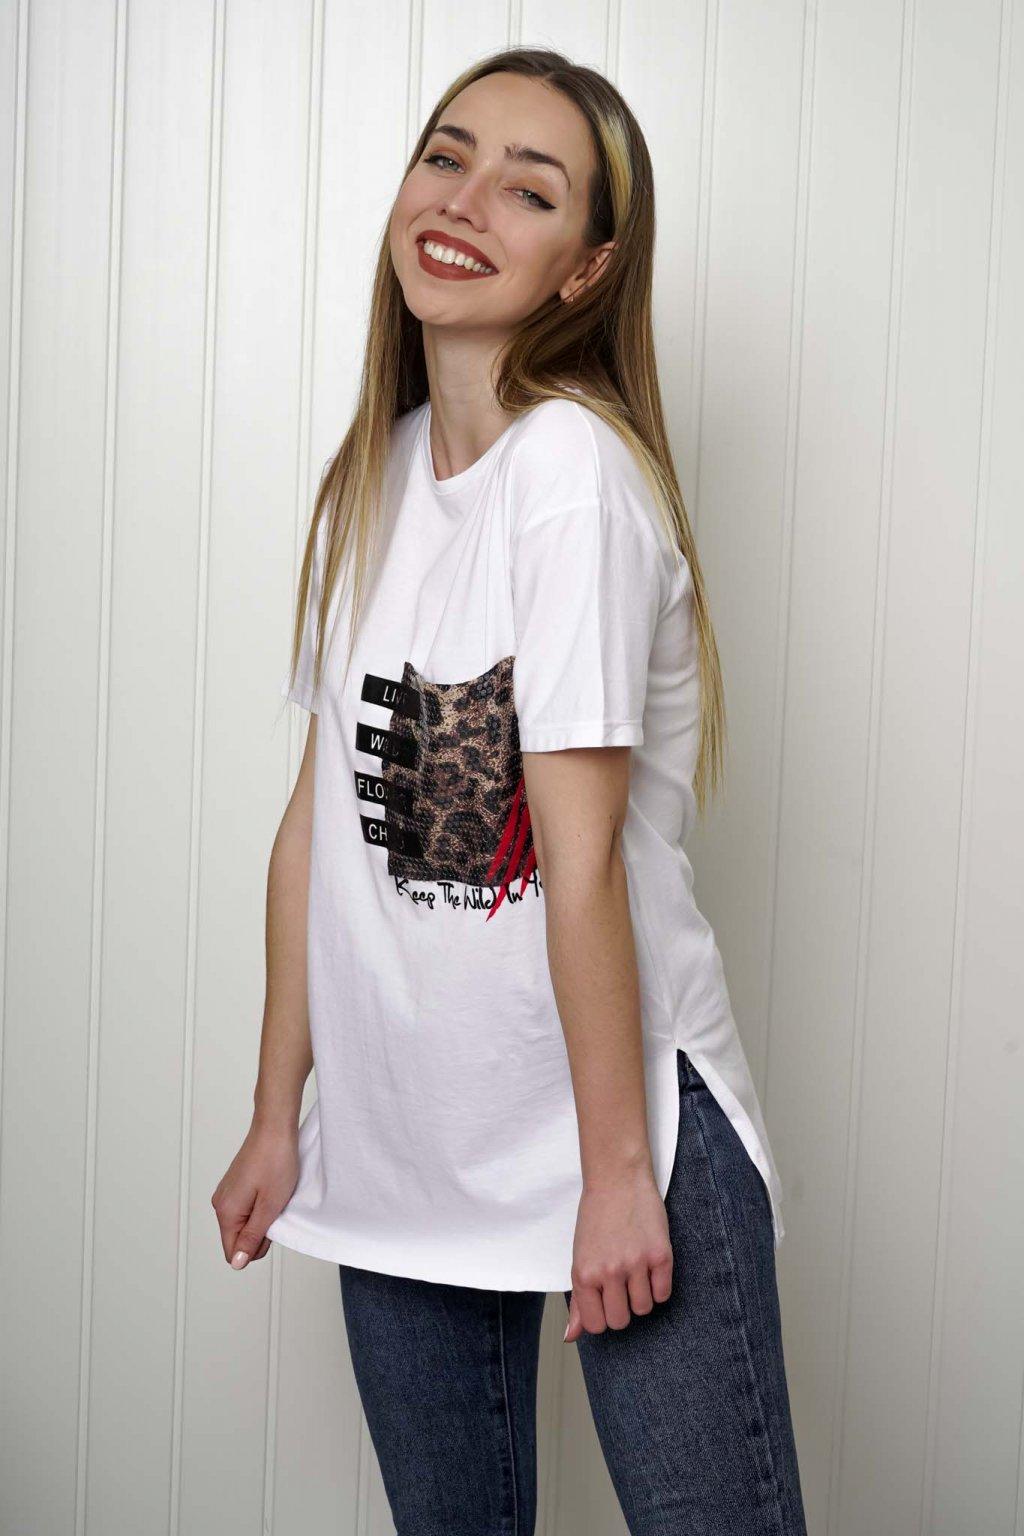 tričko, tričkové šaty, biele, čierne, žlté, vzorované, potlač, vyšívané, nášivky, fialové, street style, 108